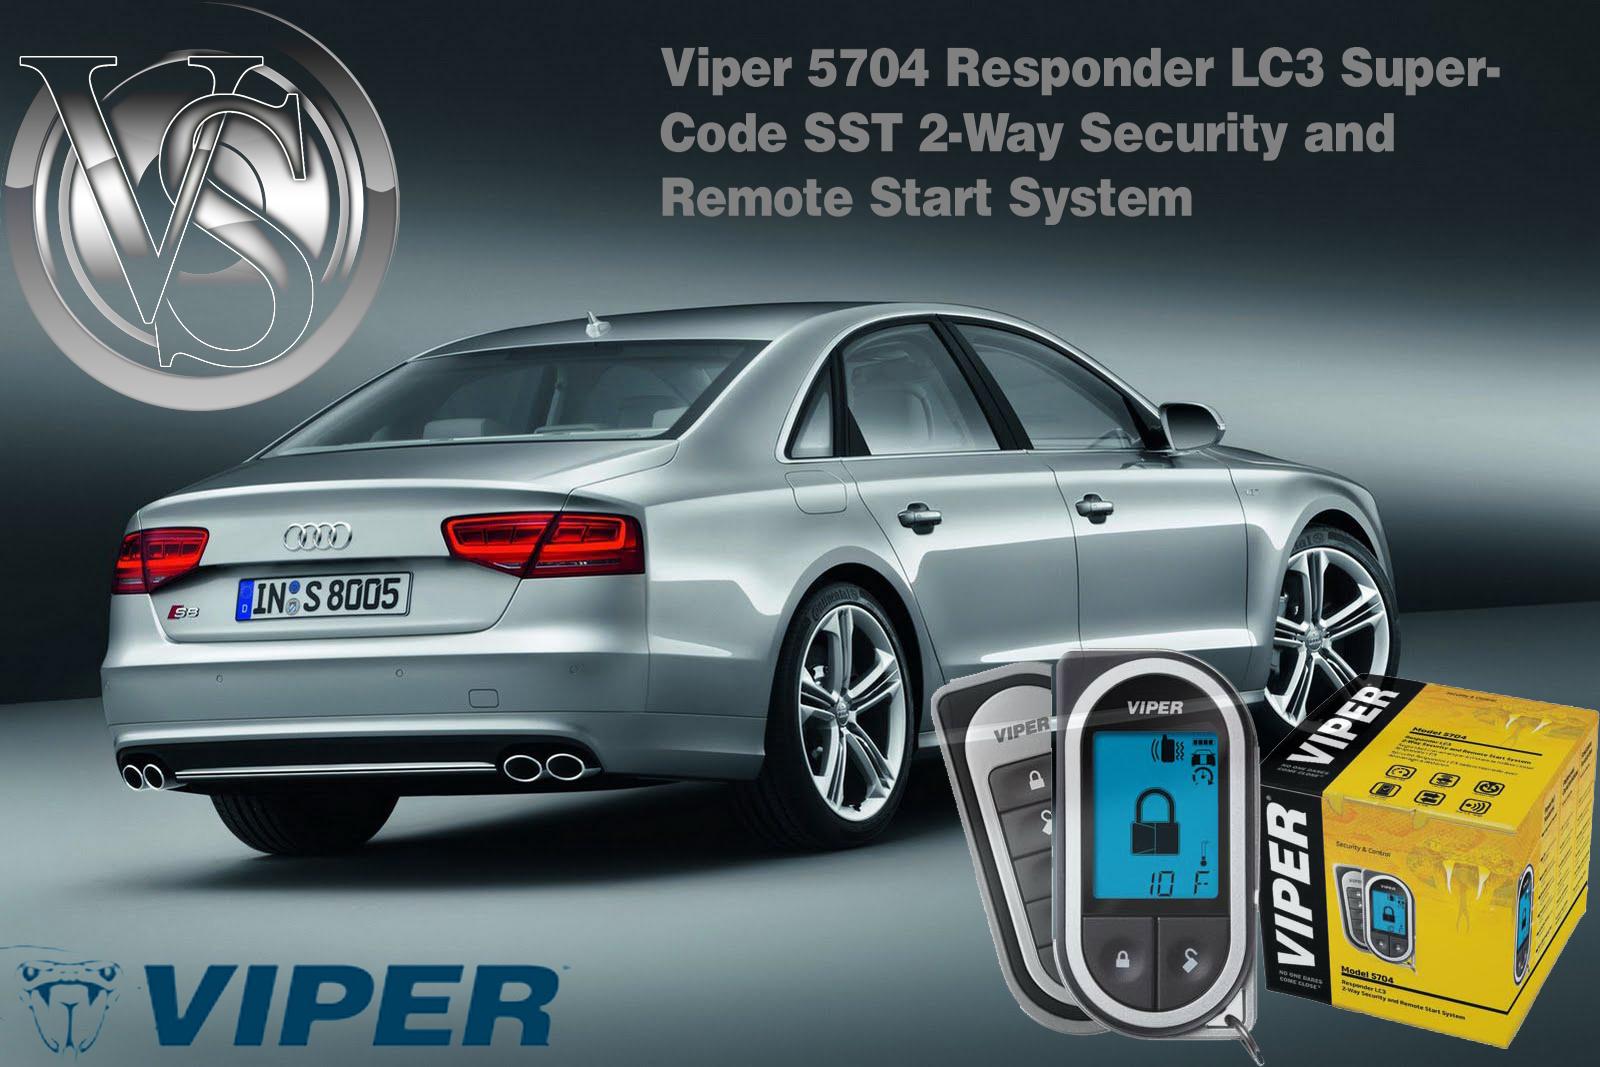 Viper 5704V Remote Start Alarm